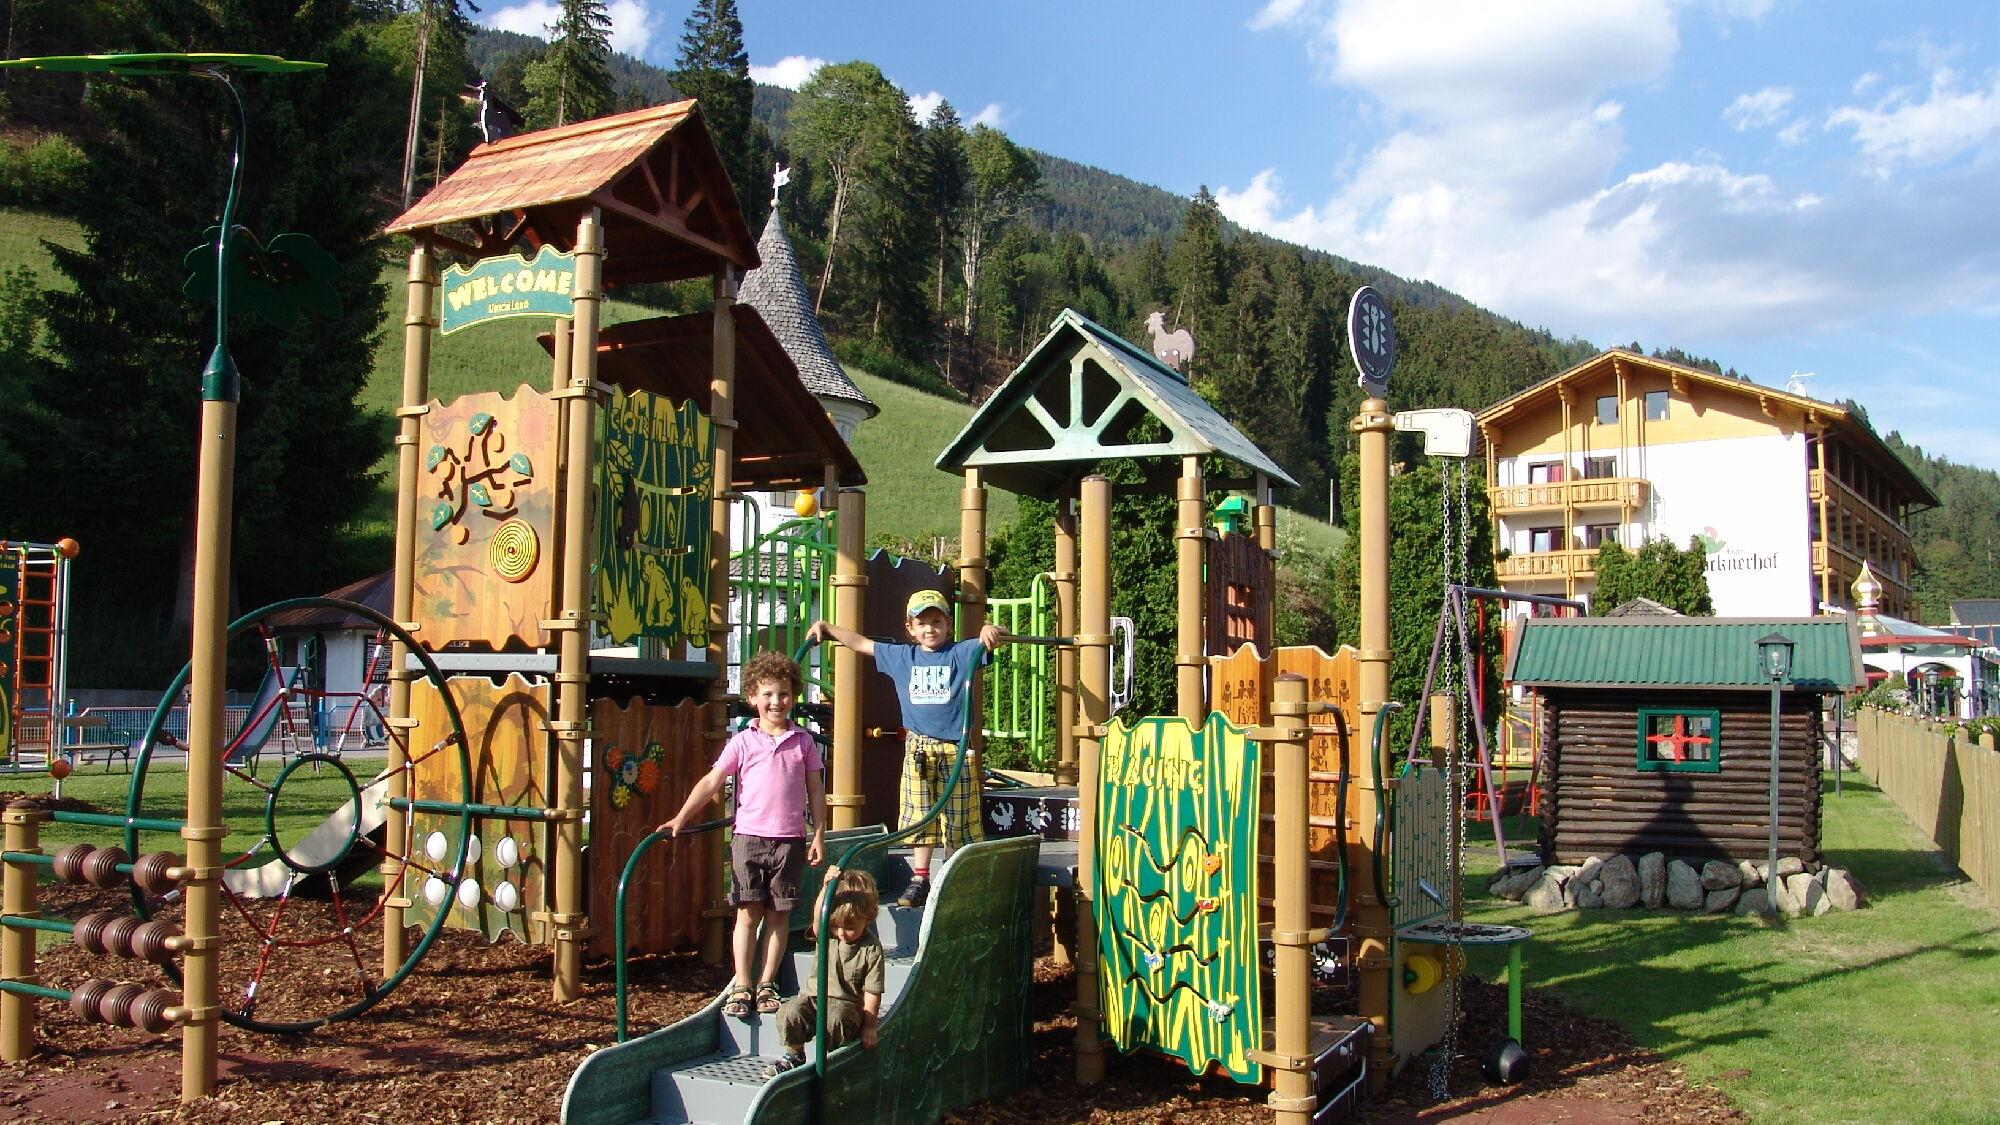 Kinderspielplatz am Hotel Glocknerhof in Berg im Drautal